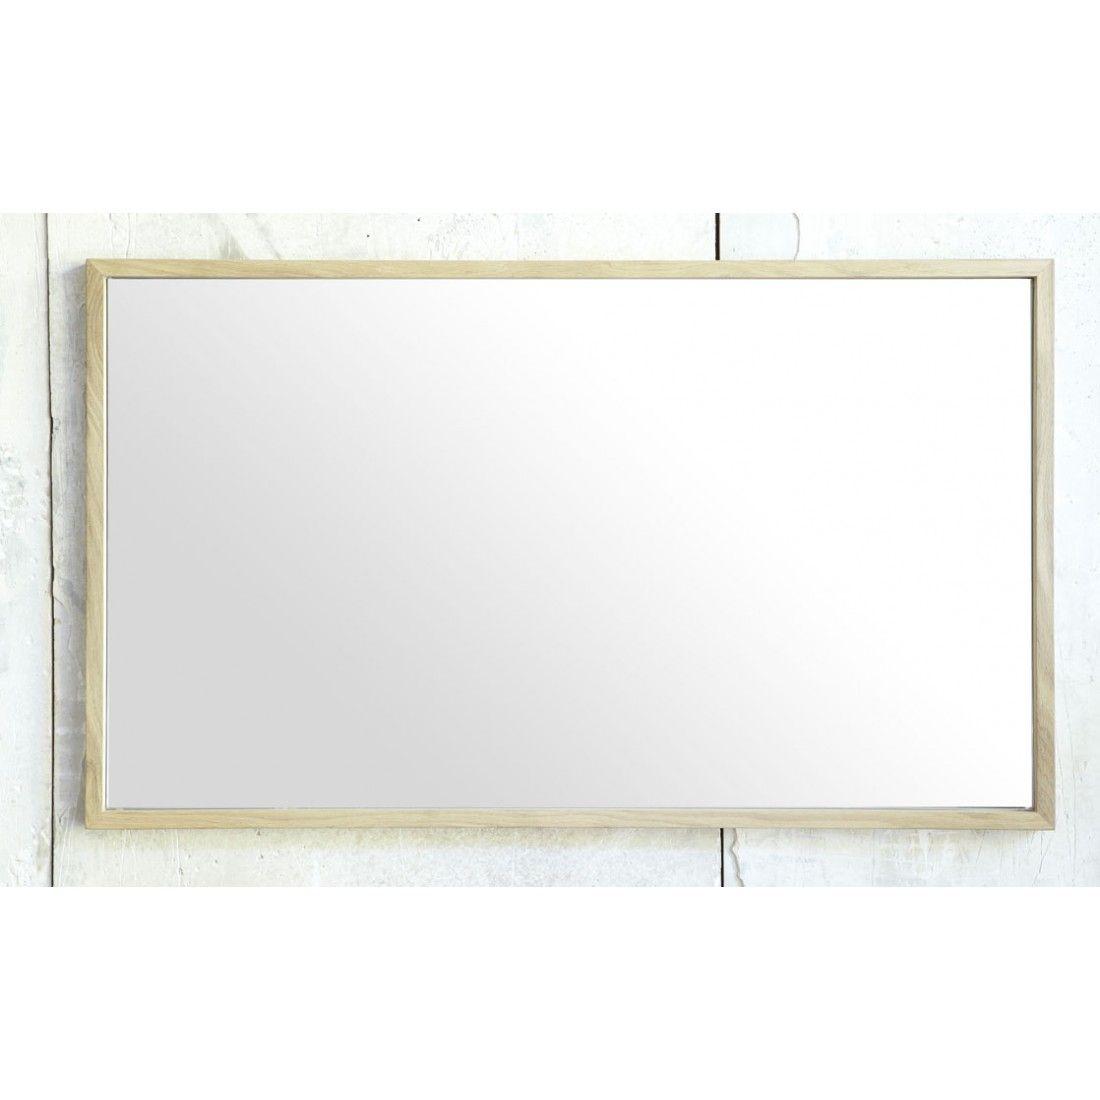 Miroir chêne massif avec des bords fins, Line Art